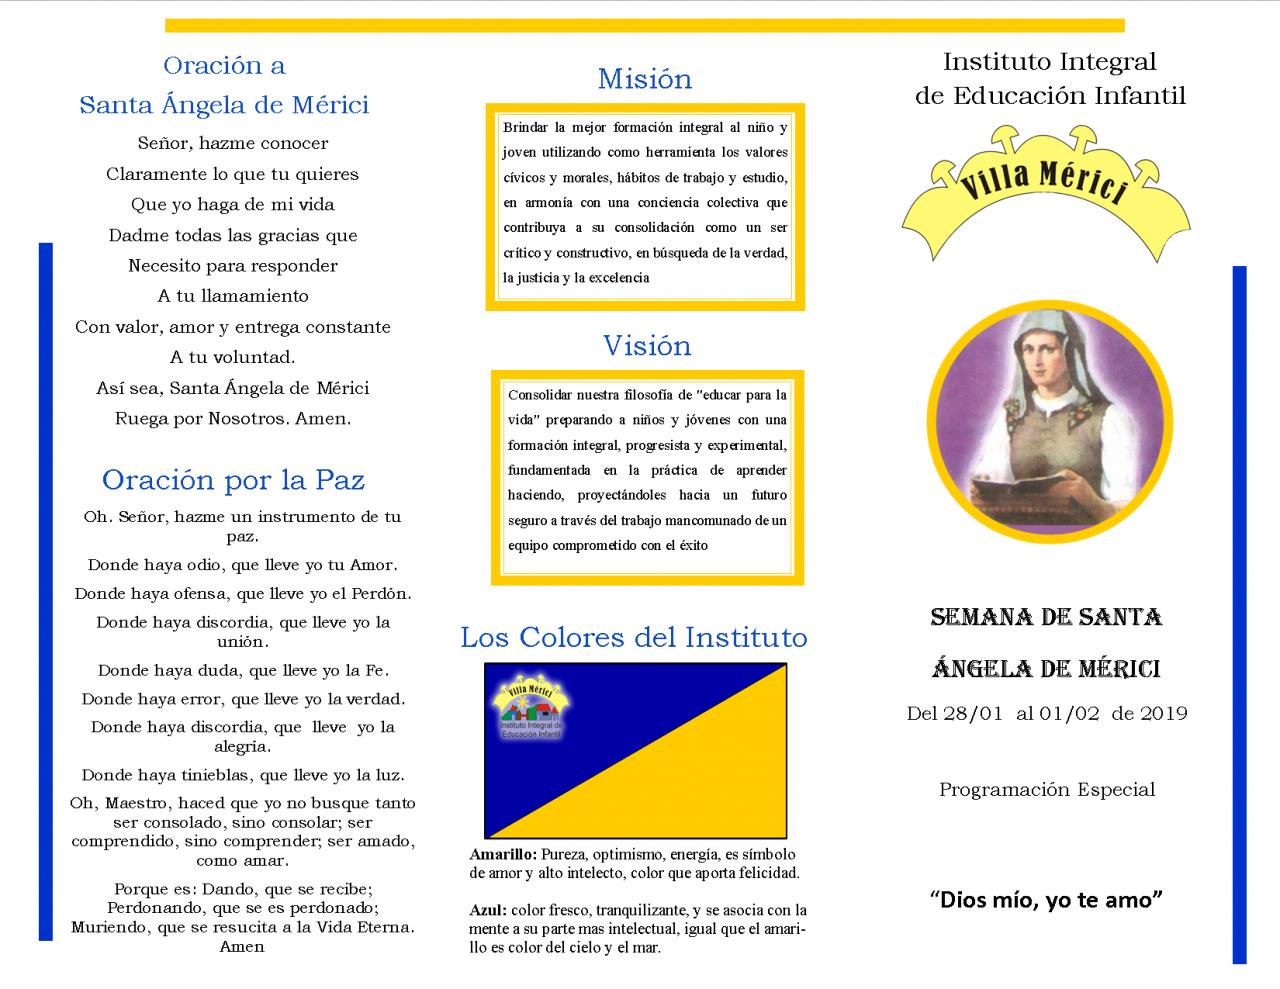 Semana de Santa Ángela de Mérici